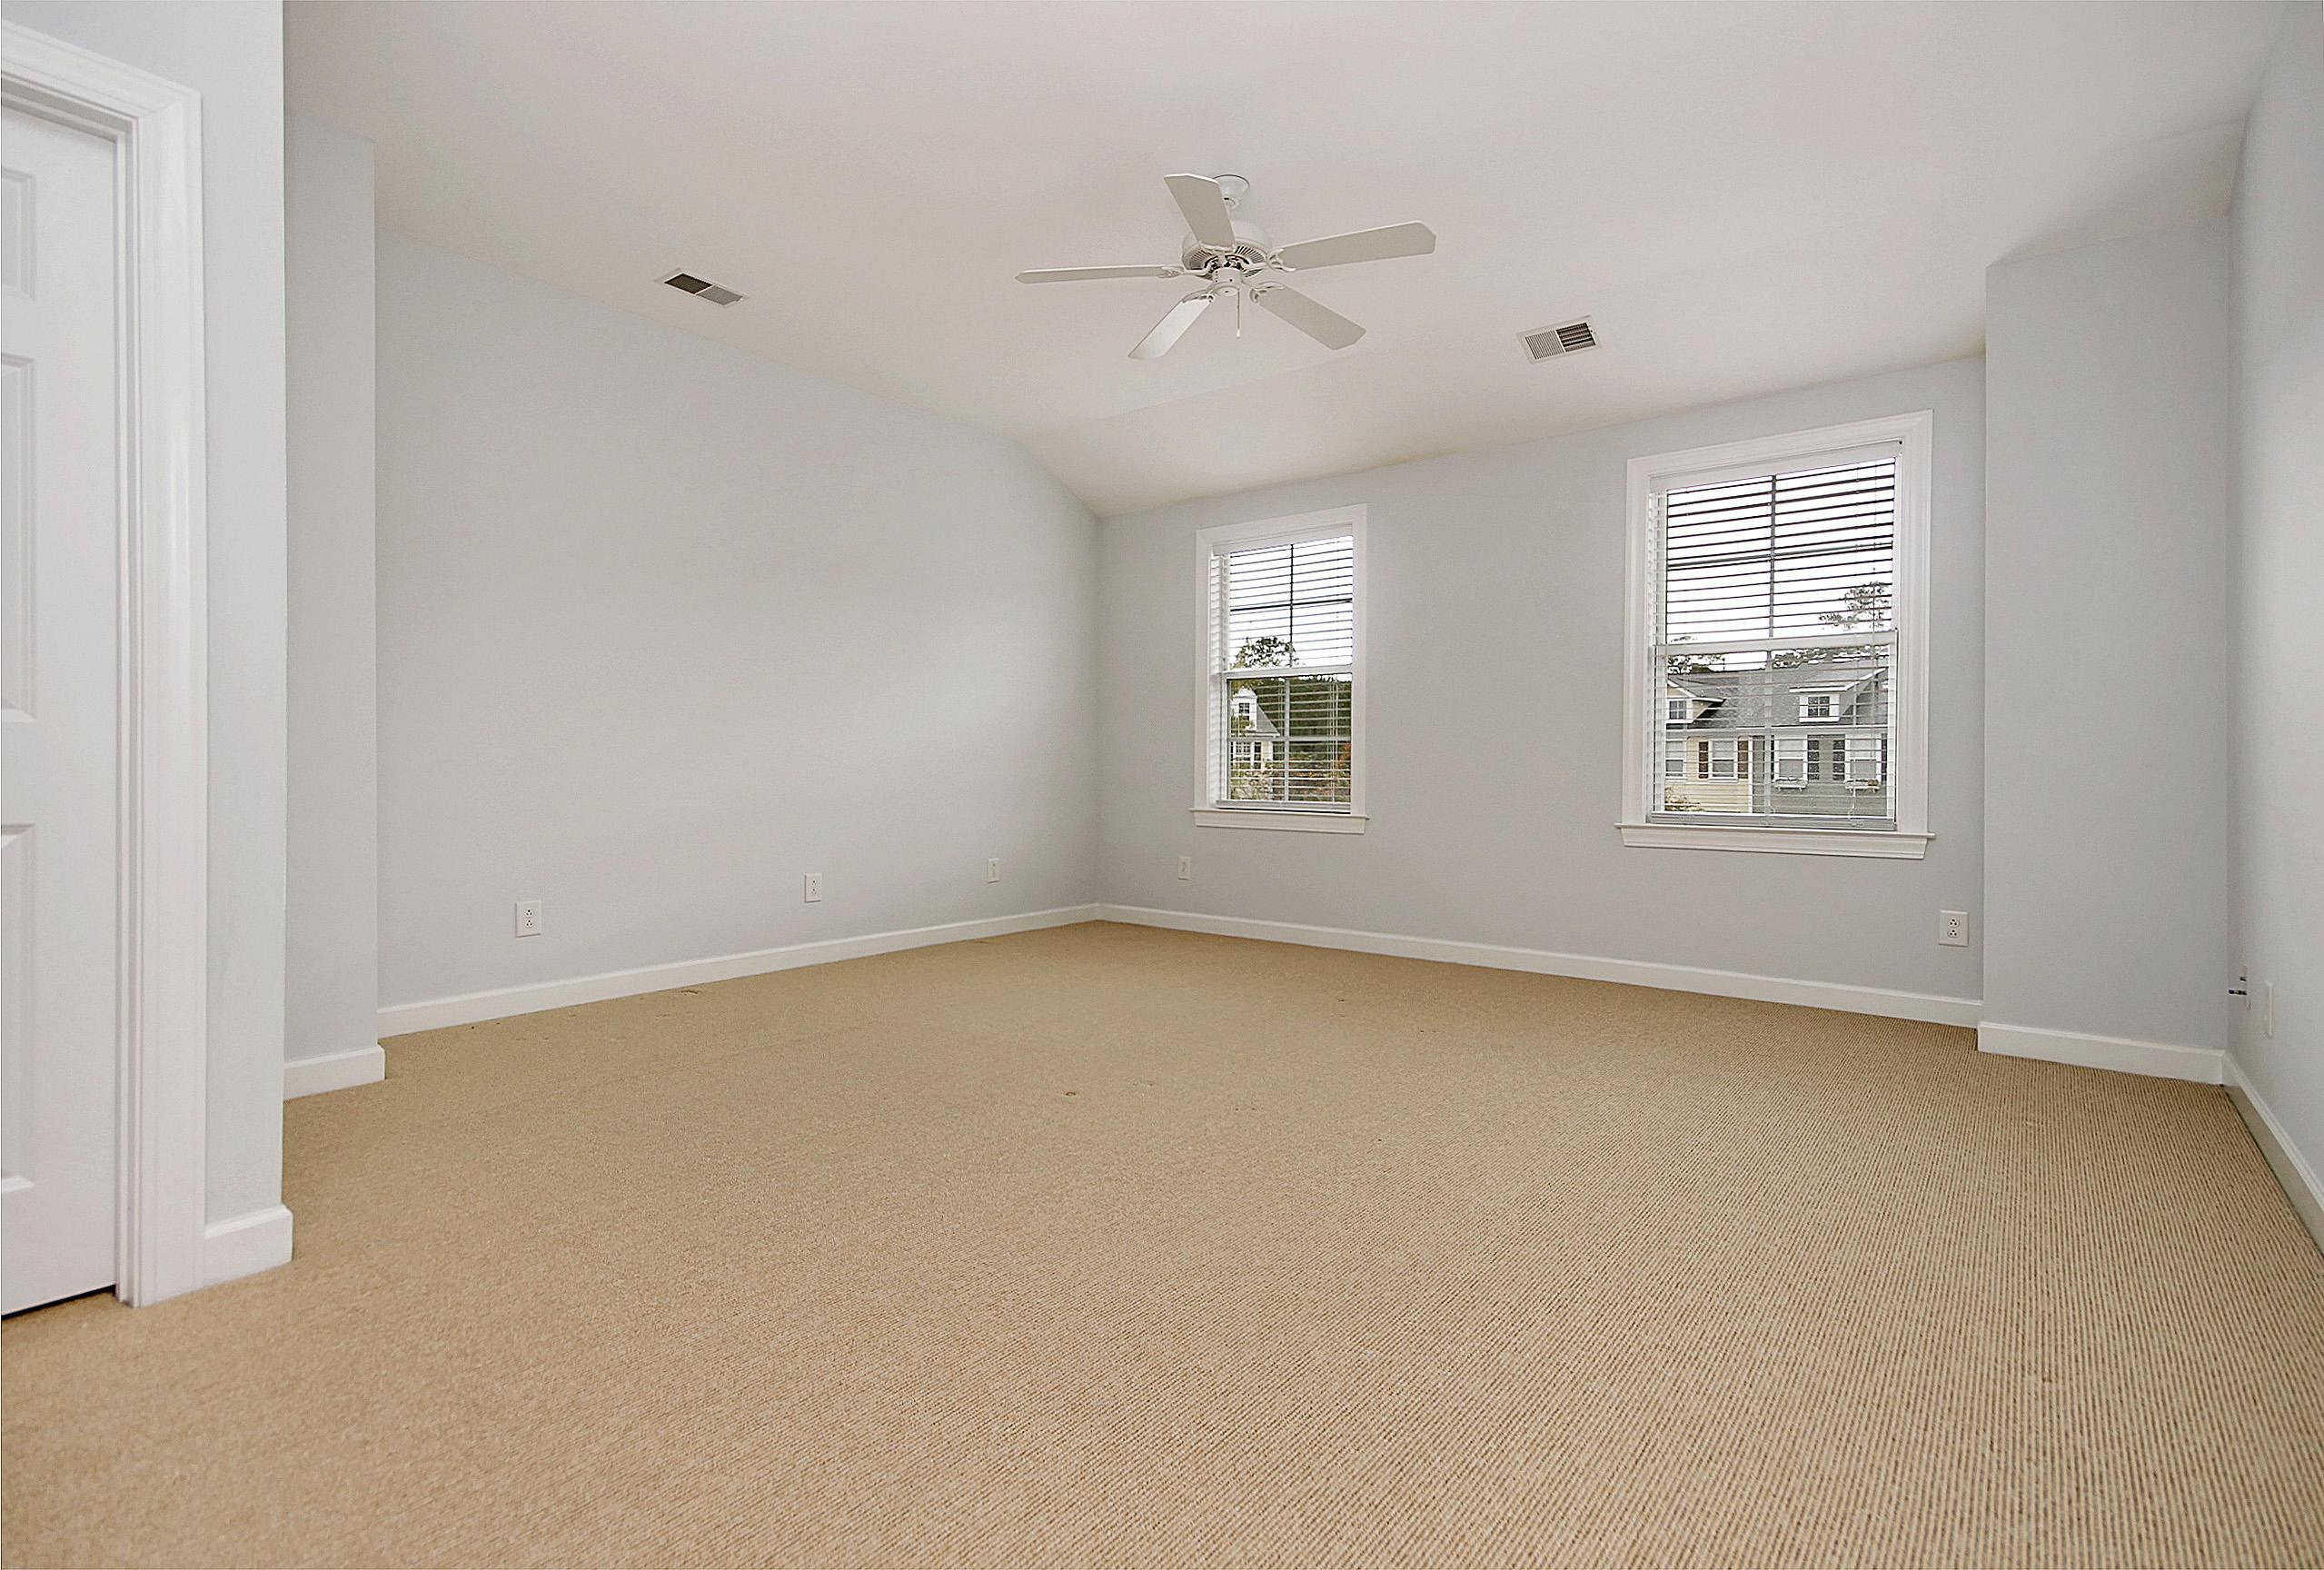 Dunes West Homes For Sale - 148 Palm Cove, Mount Pleasant, SC - 18